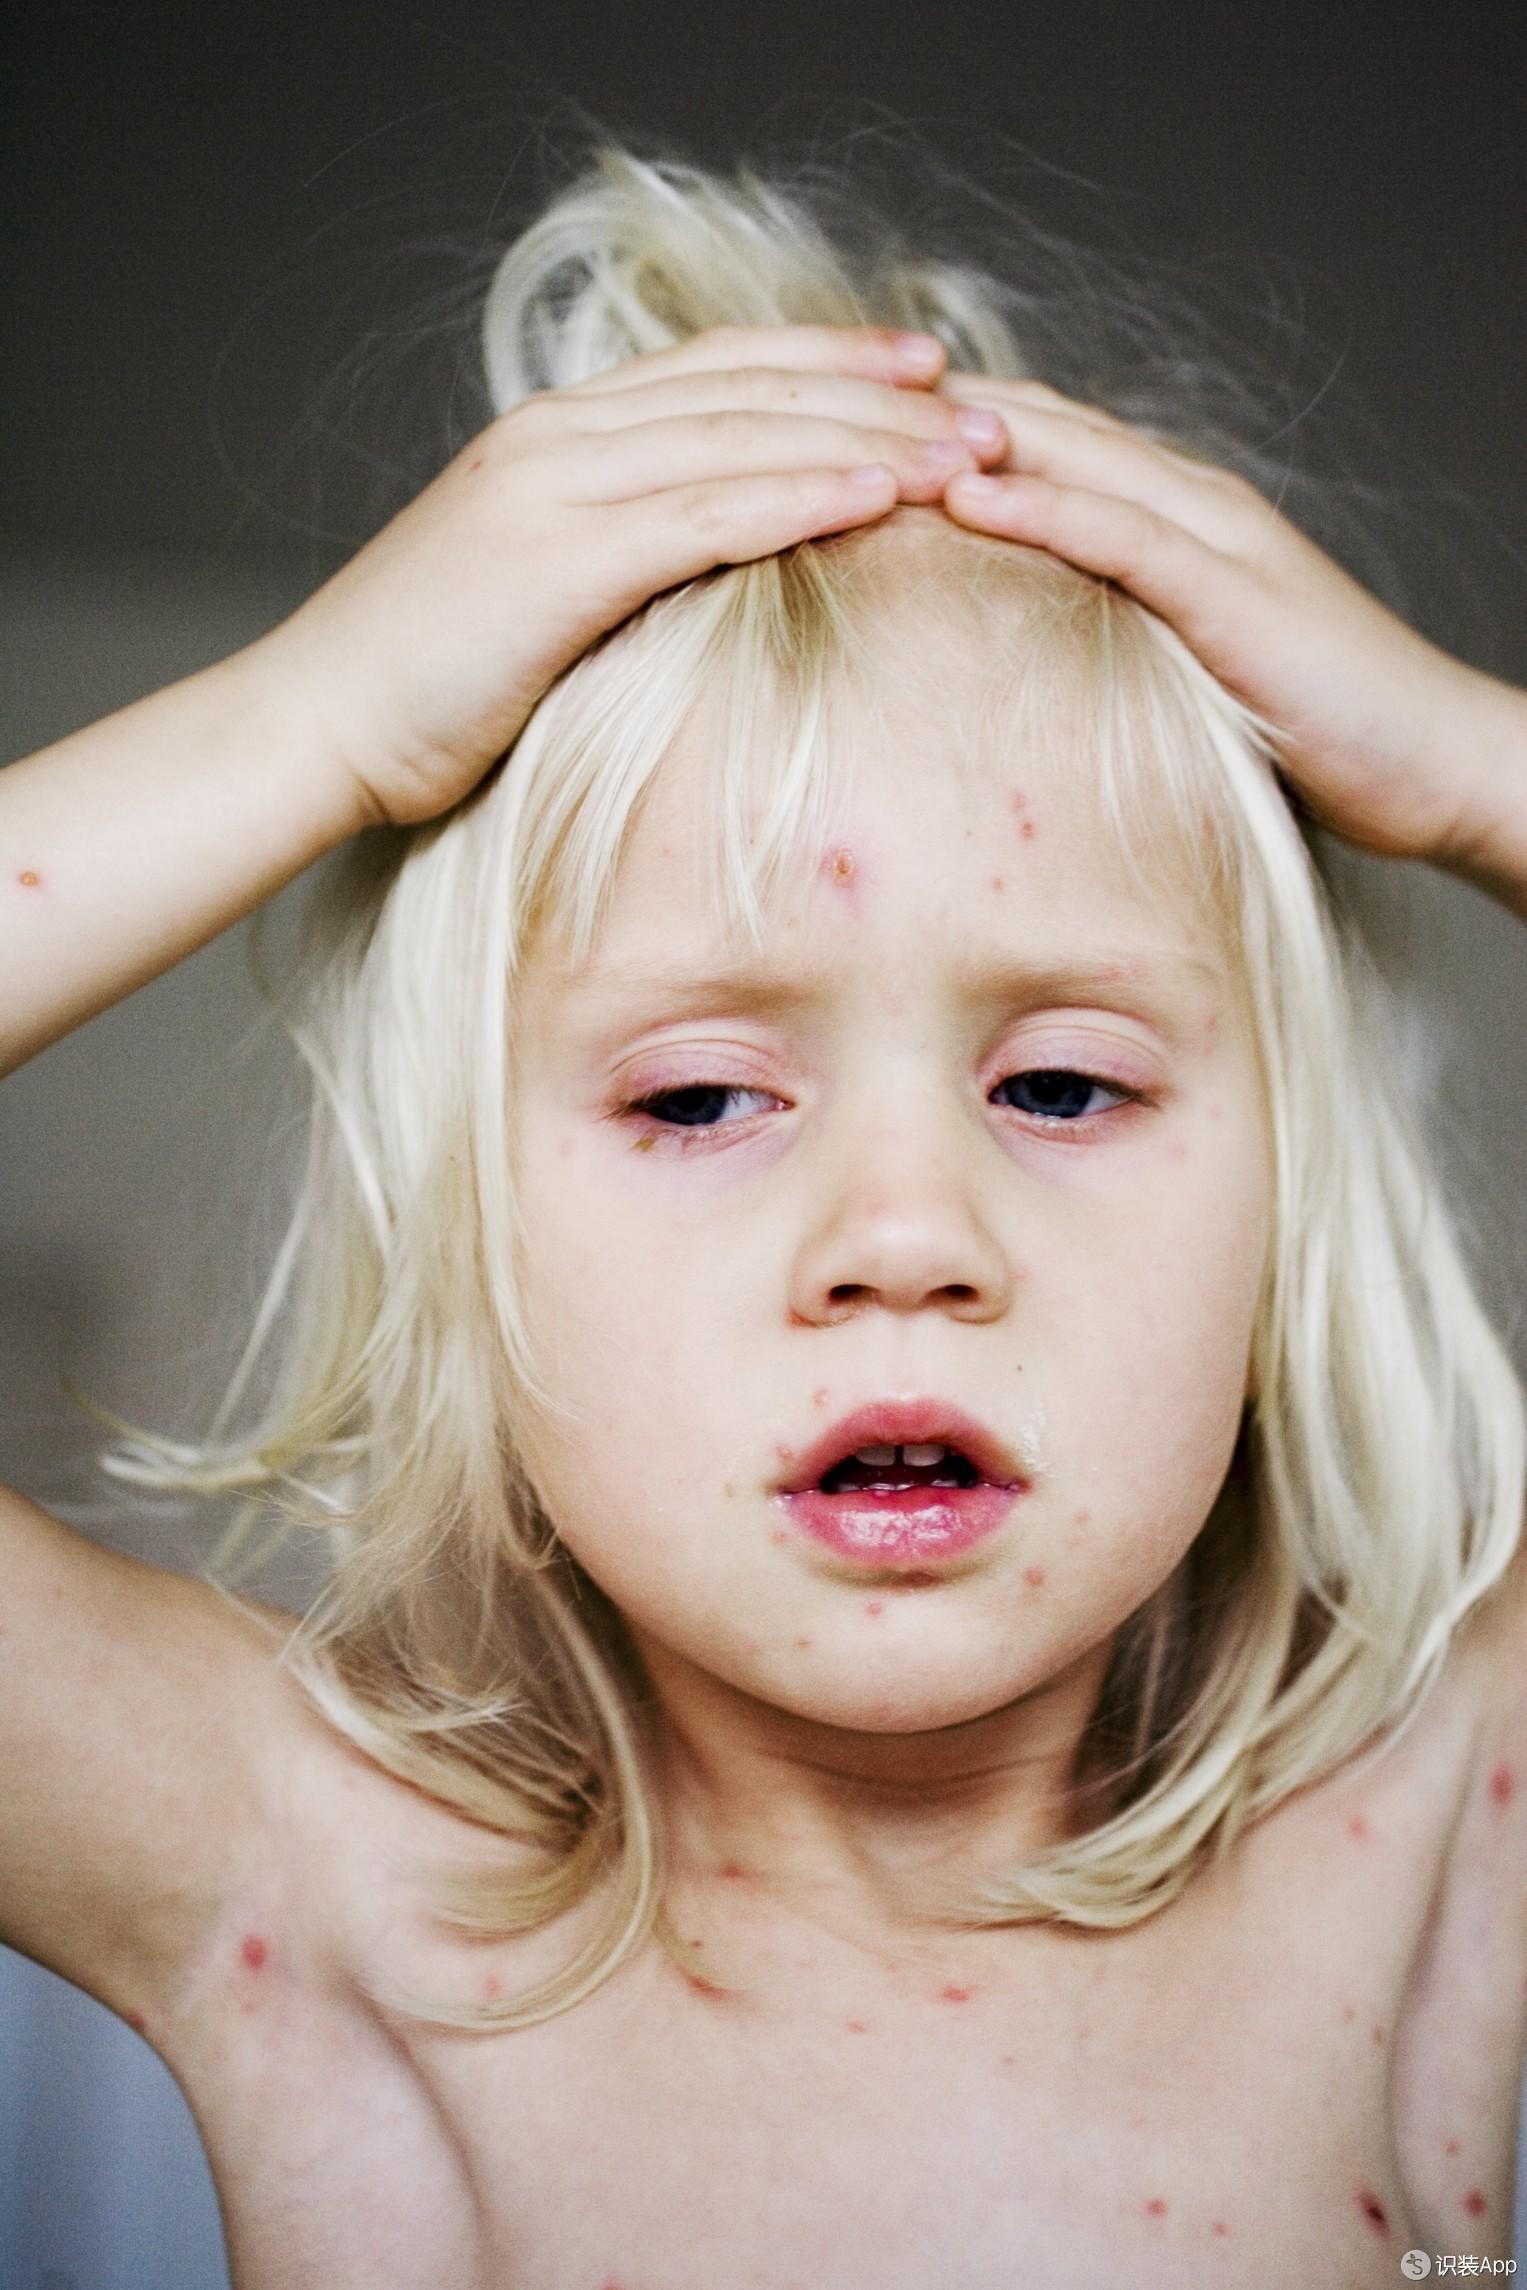 爱美姐可是一位hin容易长痘痘的可爱宝宝.